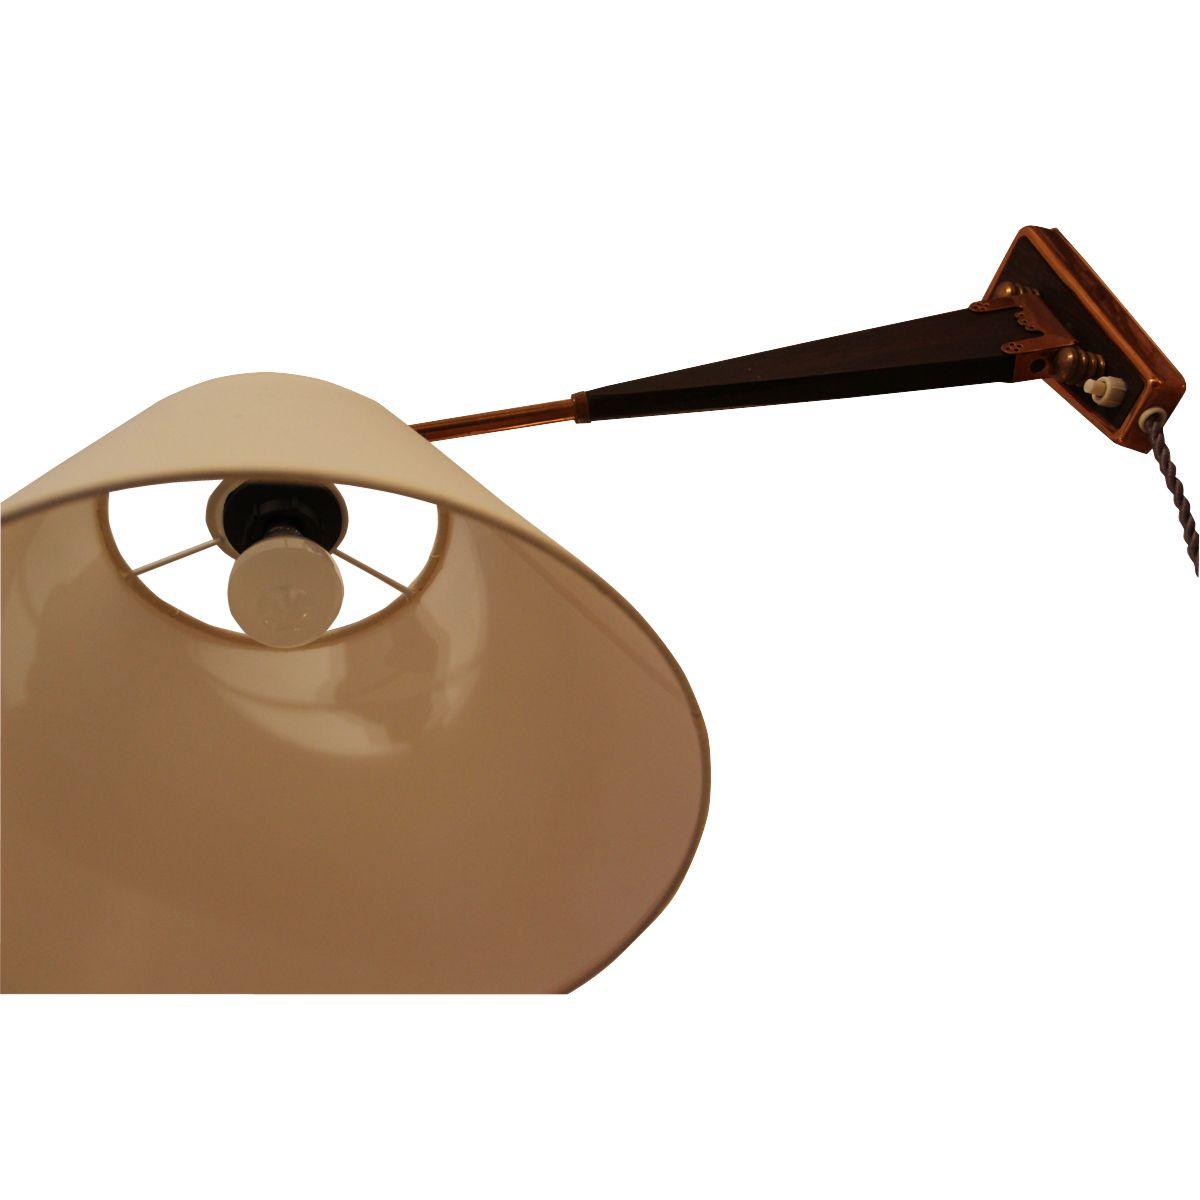 schwedische wandlampe aus holz 1960er bei pamono kaufen. Black Bedroom Furniture Sets. Home Design Ideas